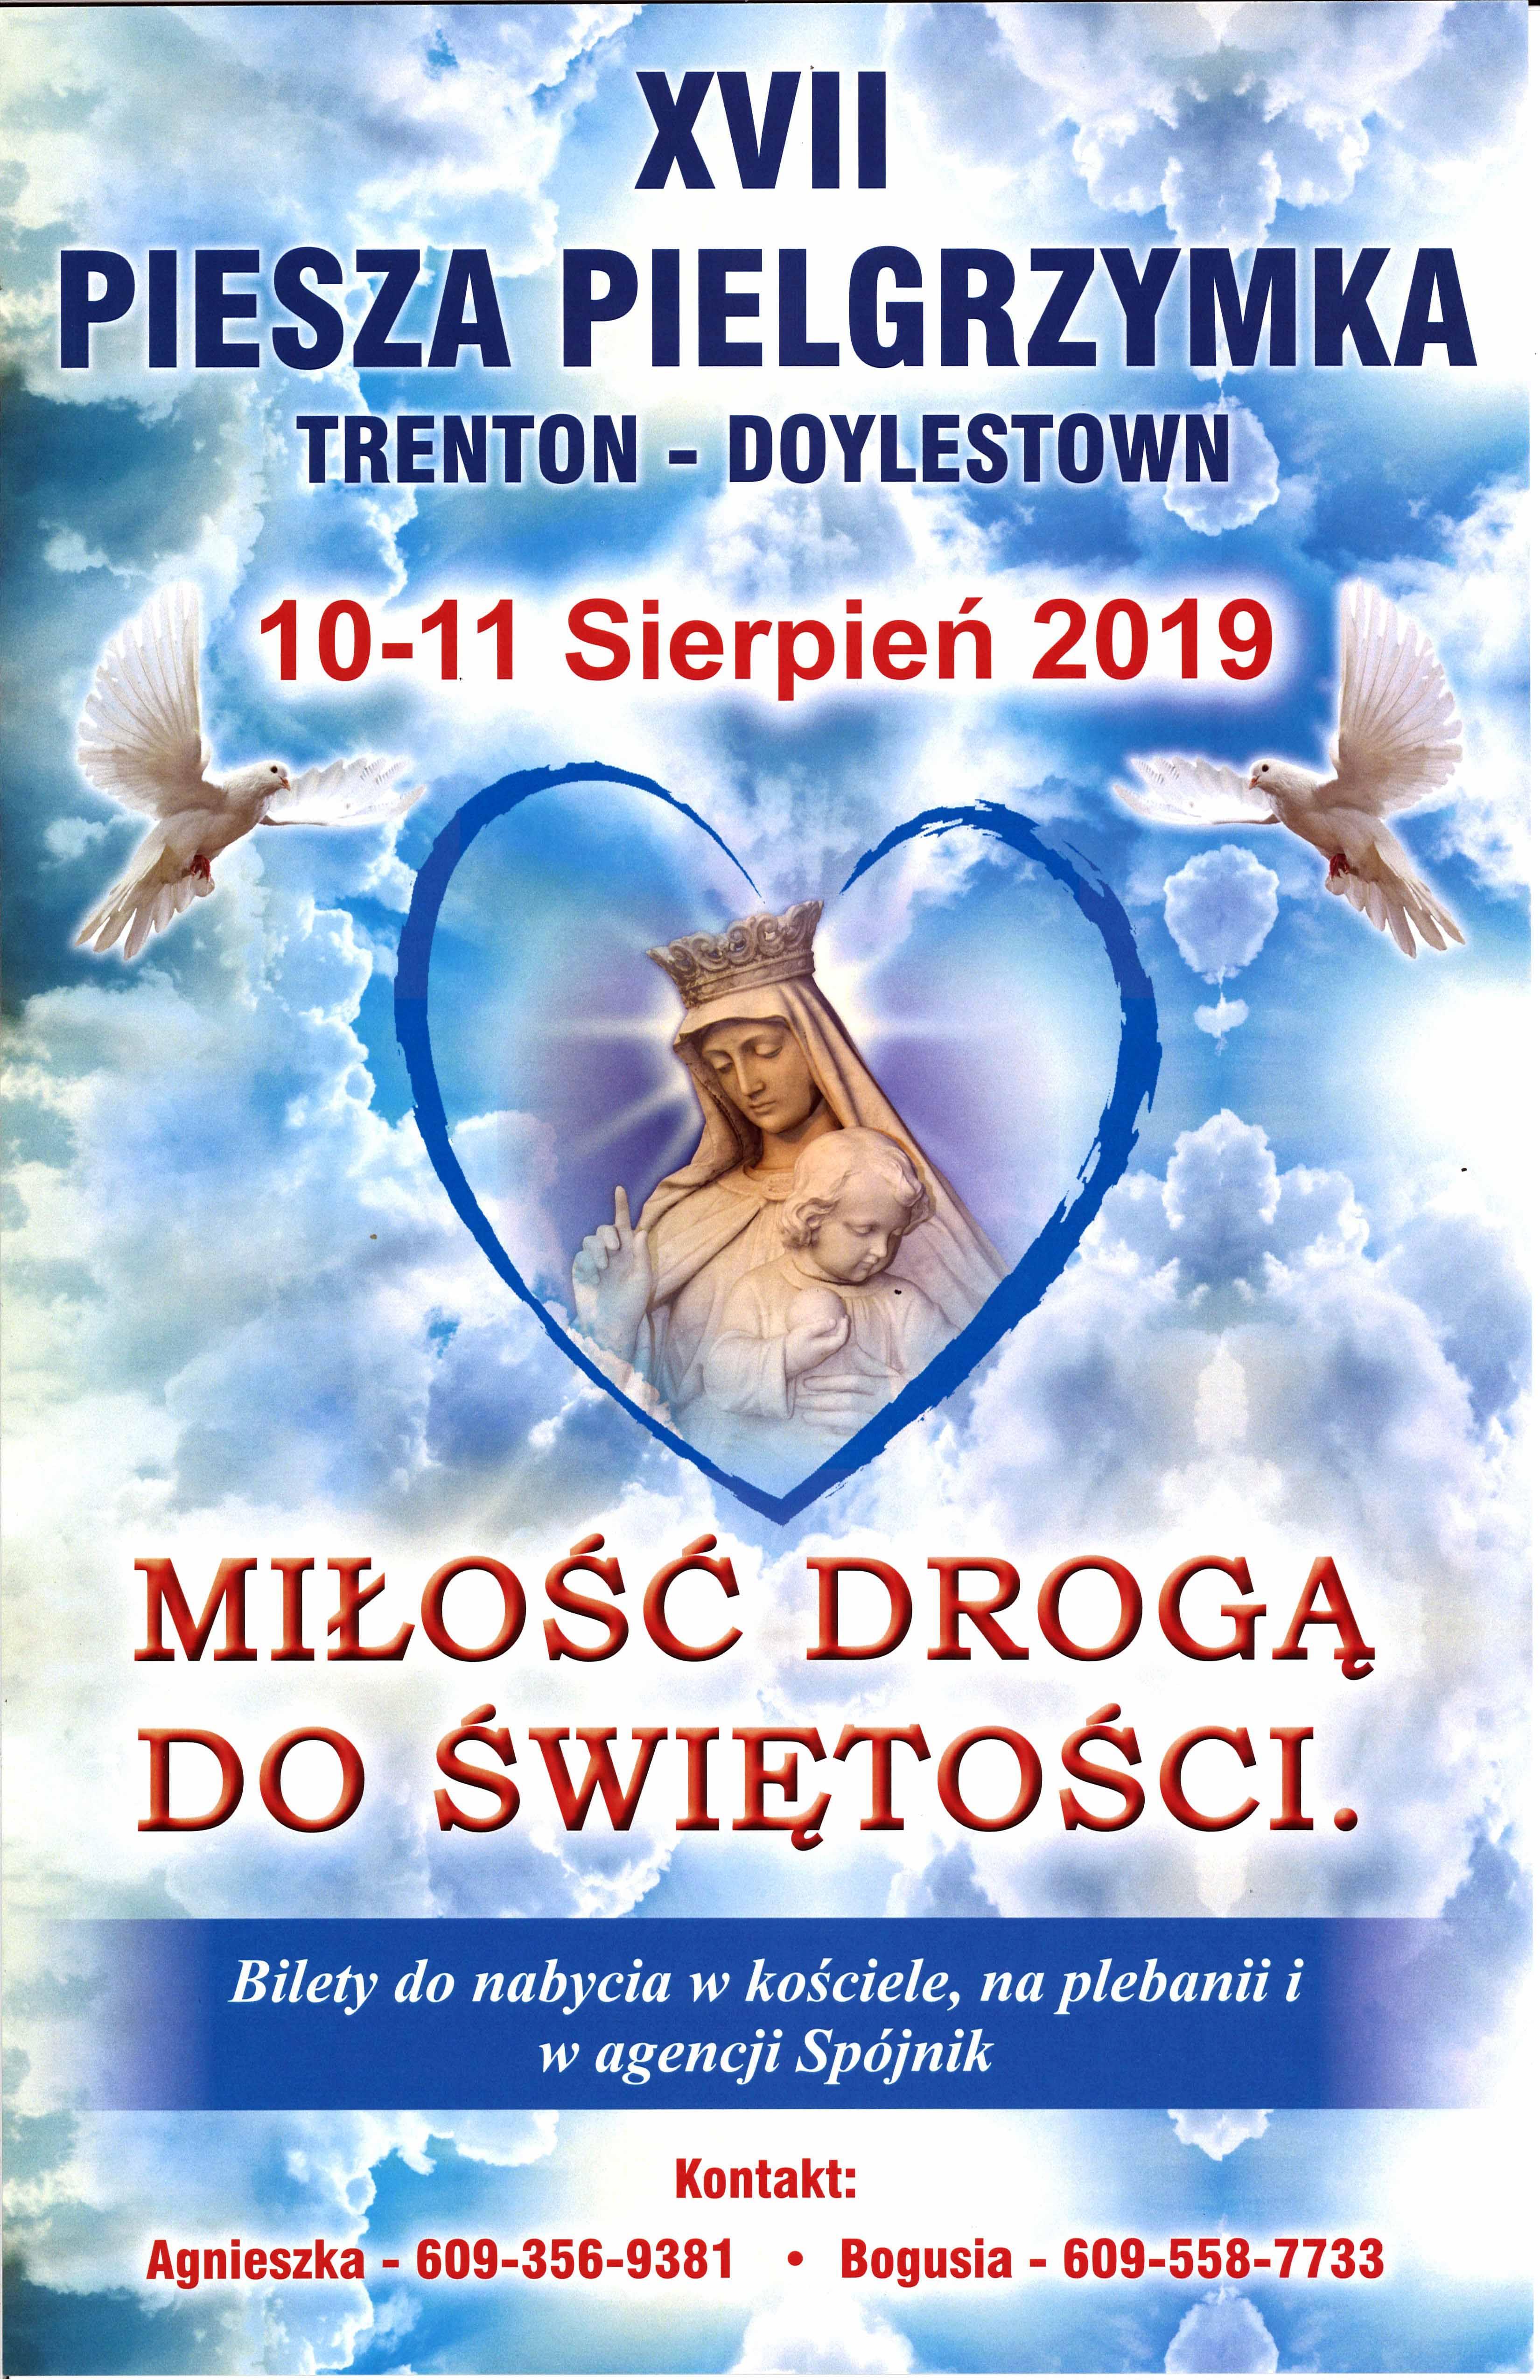 Ogłoszenie darmowe. Lokalizacja:  Trenton(NJ) - Doylestown(Pa). IMPREZY - Religijne.   MIŁOŚĆ DROGĄ DO.